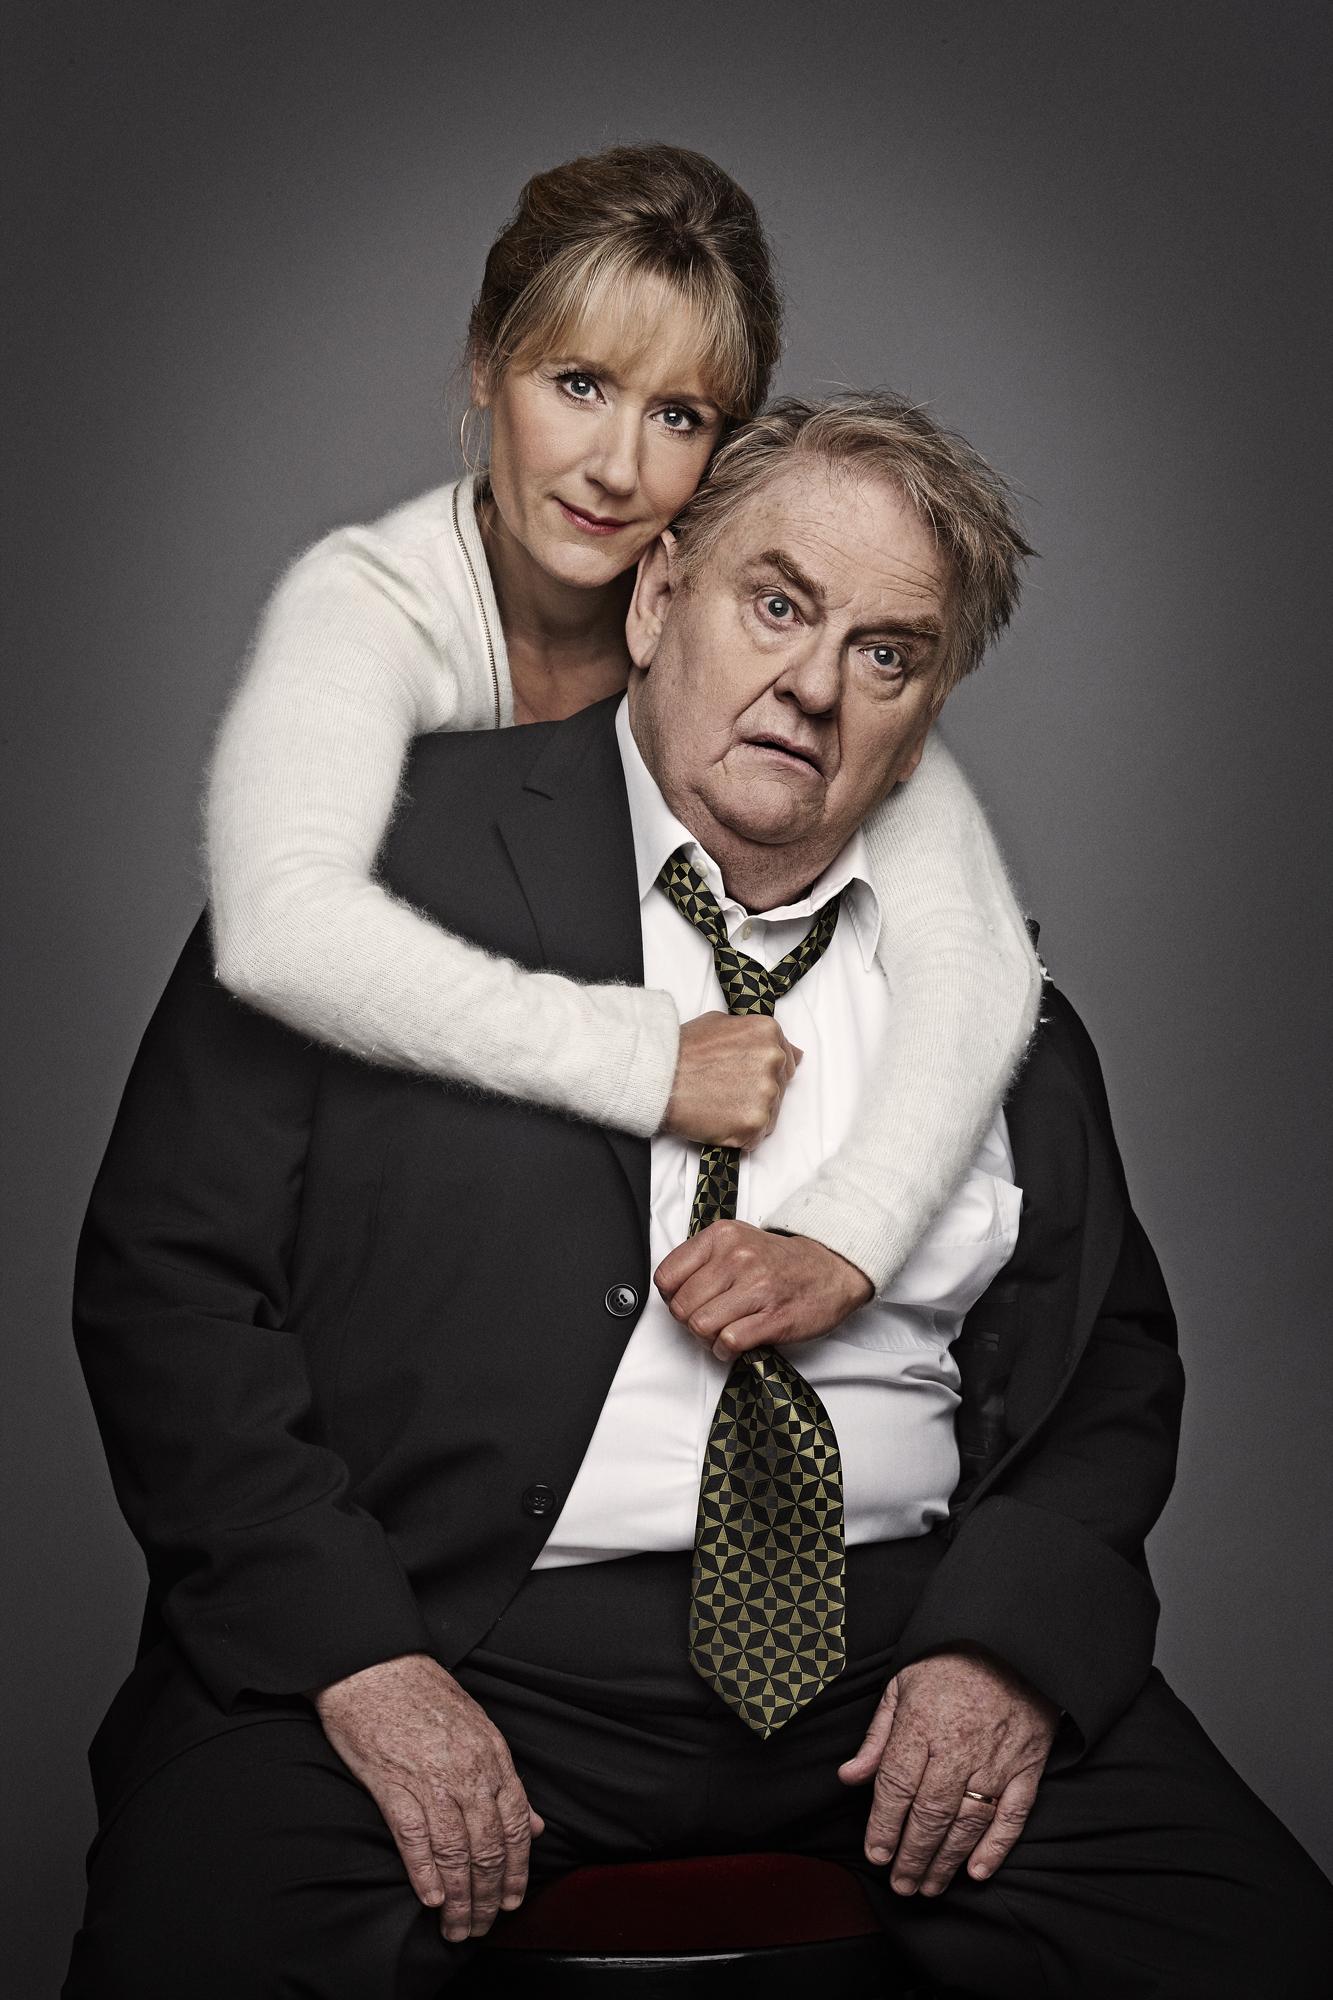 Ole Thestrup og Anette Støvelbæk som far og datter i 'Min far'. Foto: Gudmund Thai.